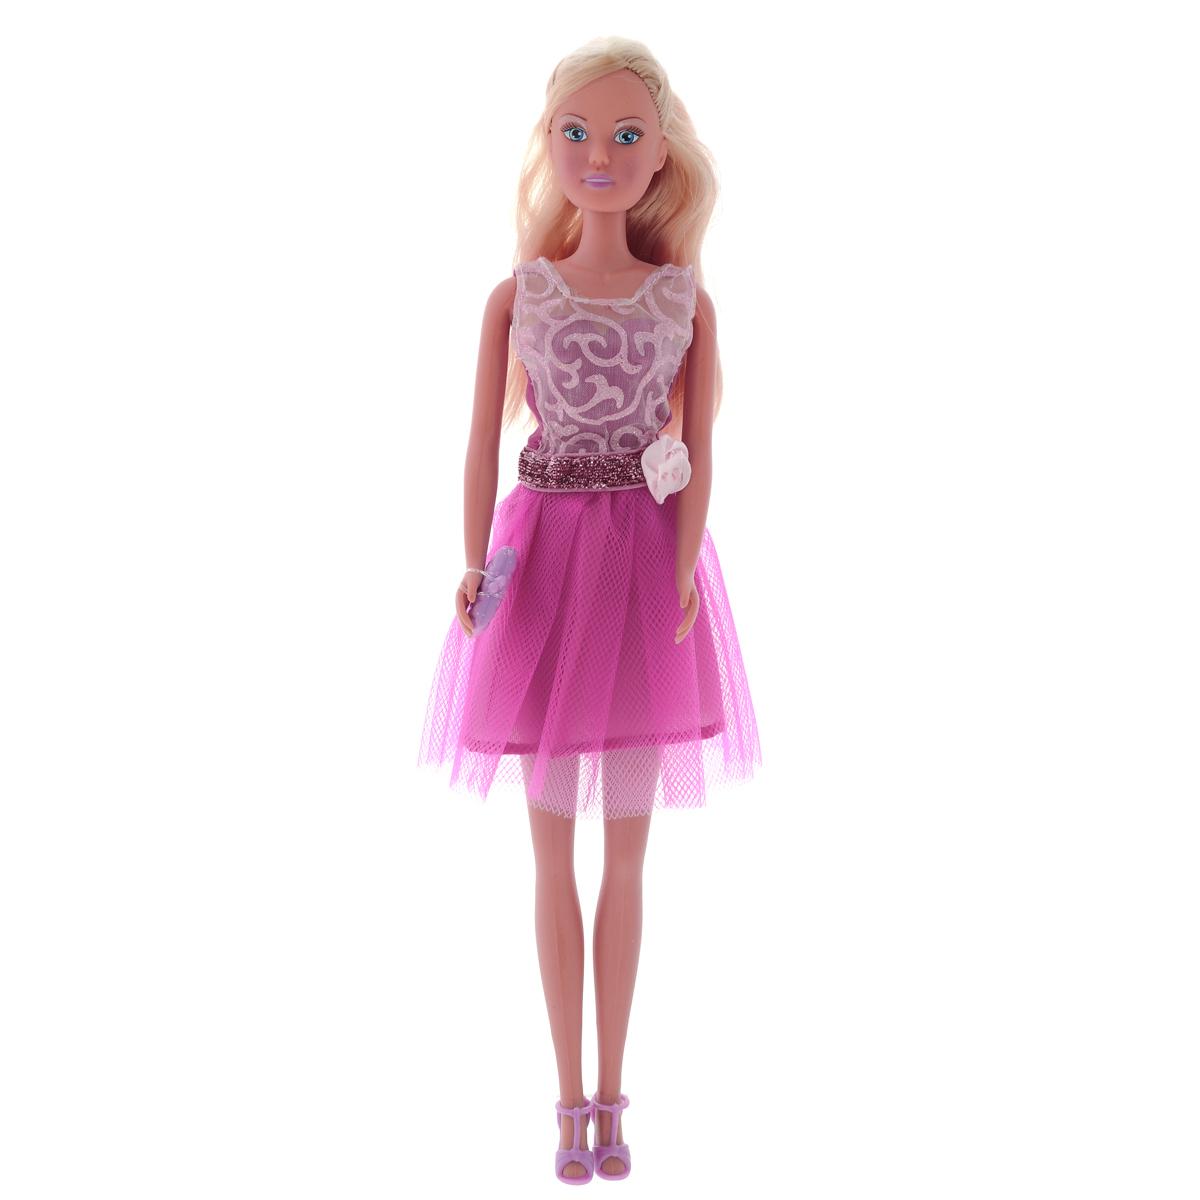 Simba Кукла Steffi Love Fashion Star5730696Кукла Simba Steffi Love. Fashion Star надолго займет внимание вашей малышки и подарит ей множество счастливых мгновений. Кукла изготовлена из пластика, ее голова, ручки и ножки подвижны, что позволяет придавать ей разнообразные позы. Куколка одета в элегантное вечернее платье с пышной юбкой, украшенное блестками и дополненное декоративным цветком на поясе. Наряд дополняют стильные босоножки и модная сумочка-клатч. Чудесные длинные волосы куклы так весело расчесывать и создавать из них всевозможные прически, плести косички, жгутики и хвостики. Благодаря играм с куклой, ваша малышка сможет развить фантазию и любознательность, овладеть навыками общения и научиться ответственности, а дополнительные аксессуары сделают игру еще увлекательнее. Порадуйте свою принцессу таким прекрасным подарком!